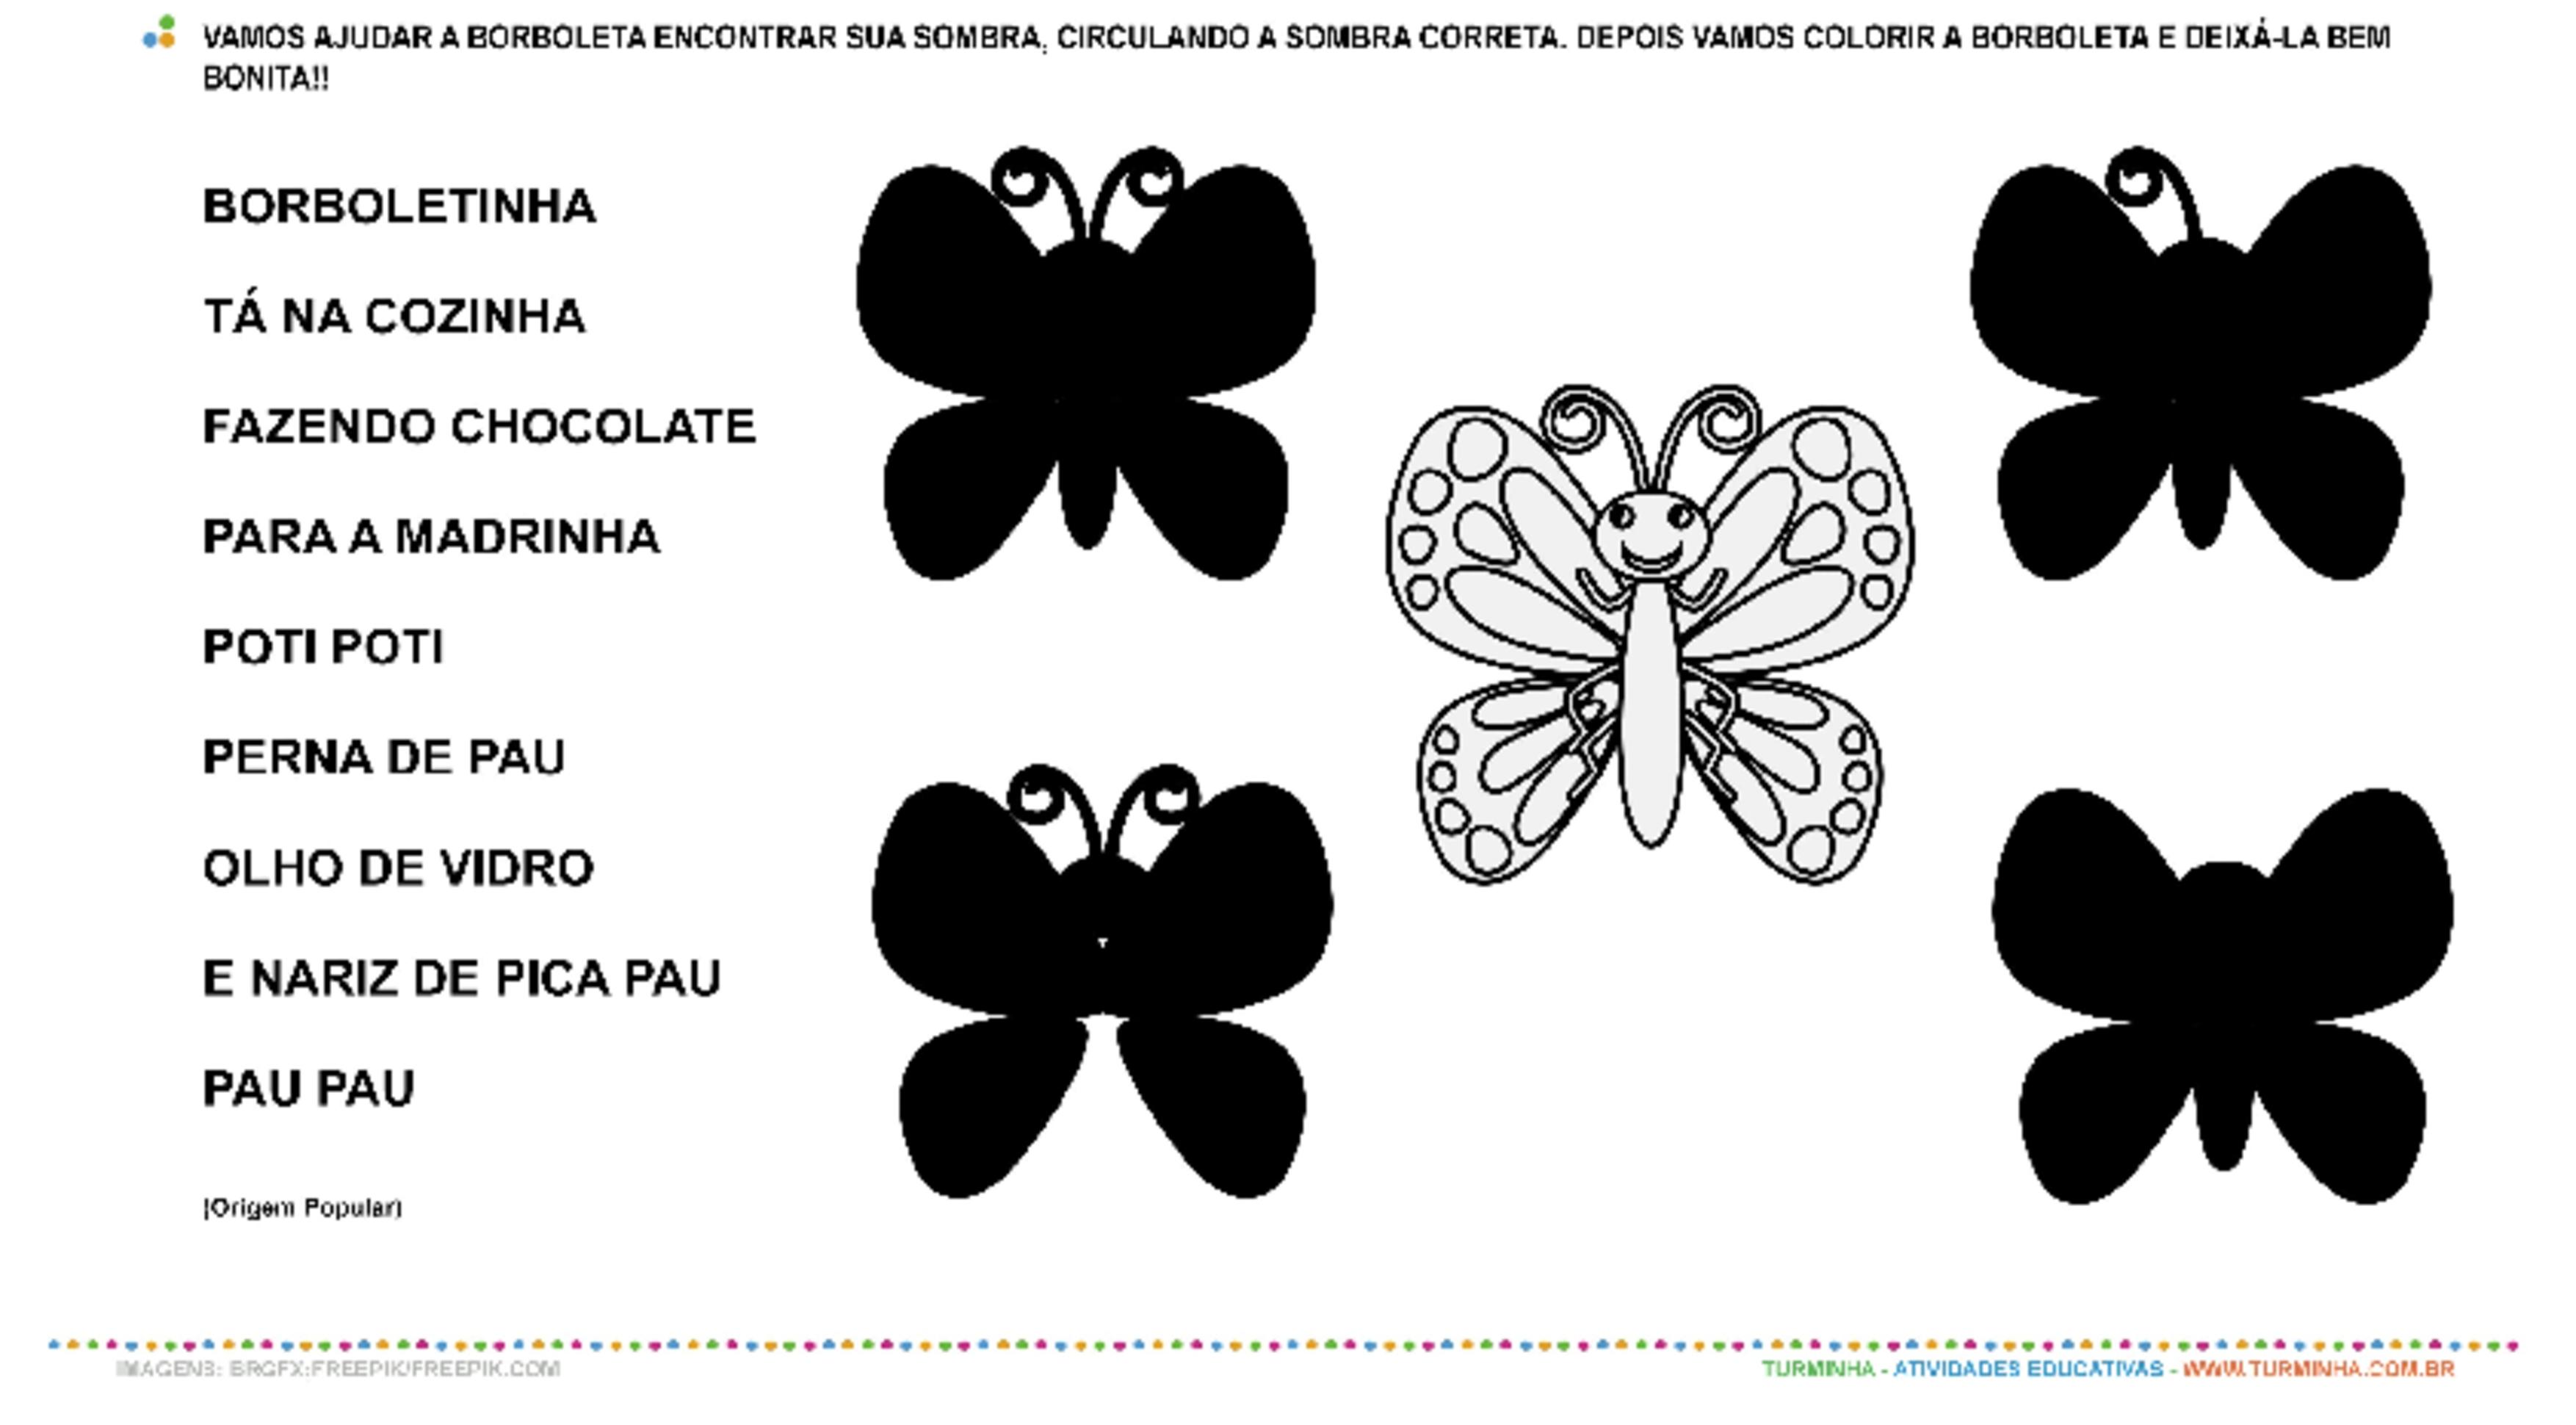 Borboletinha - Jogo das Sombras e Pintura - atividade educativa para Creche (0 a 3 anos)